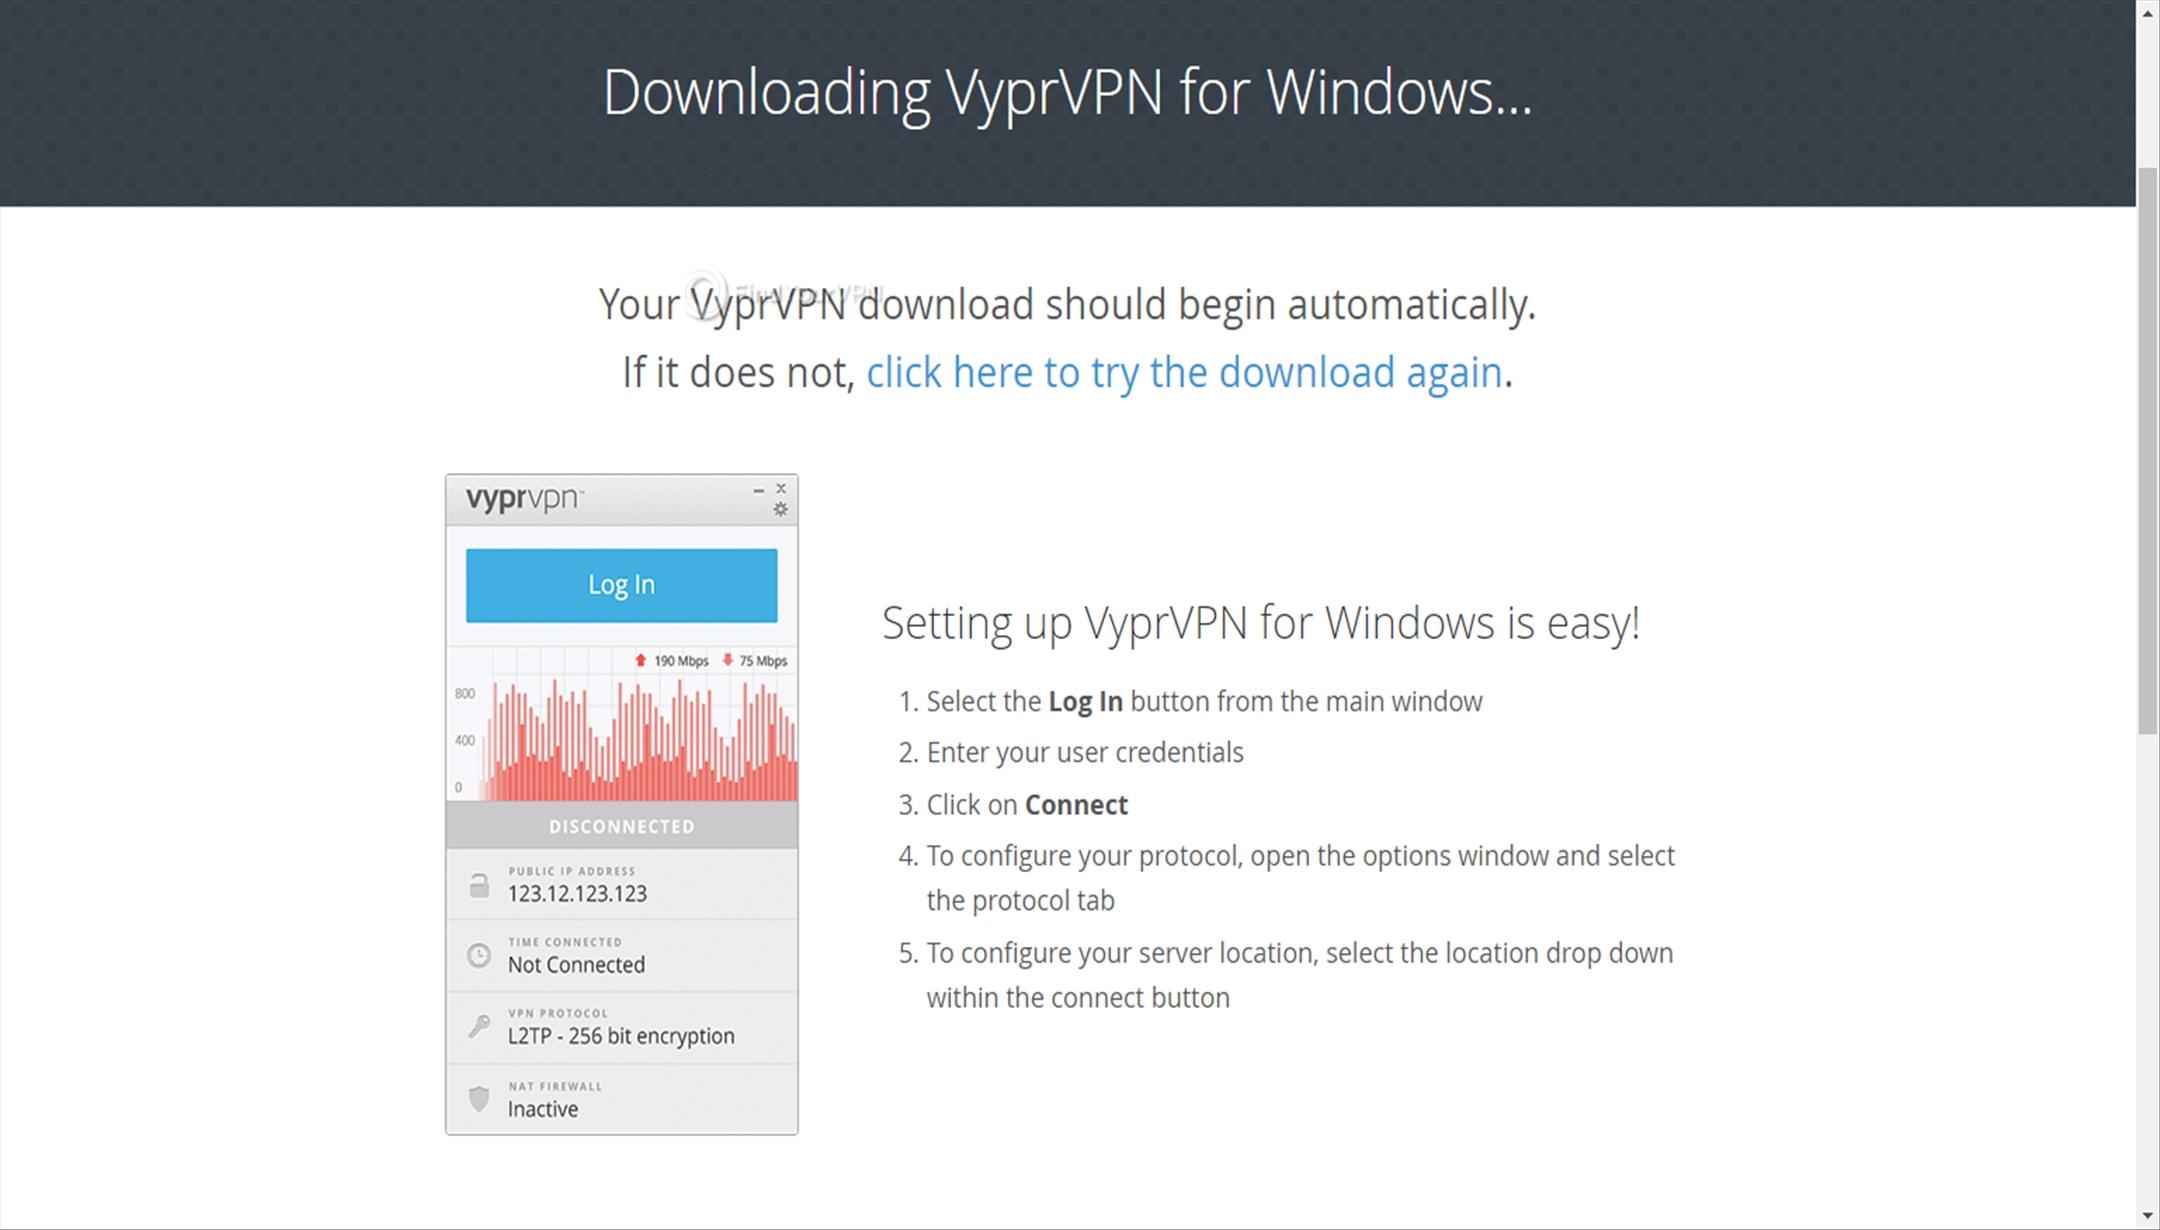 VyprVPN Download App Waiting Screen